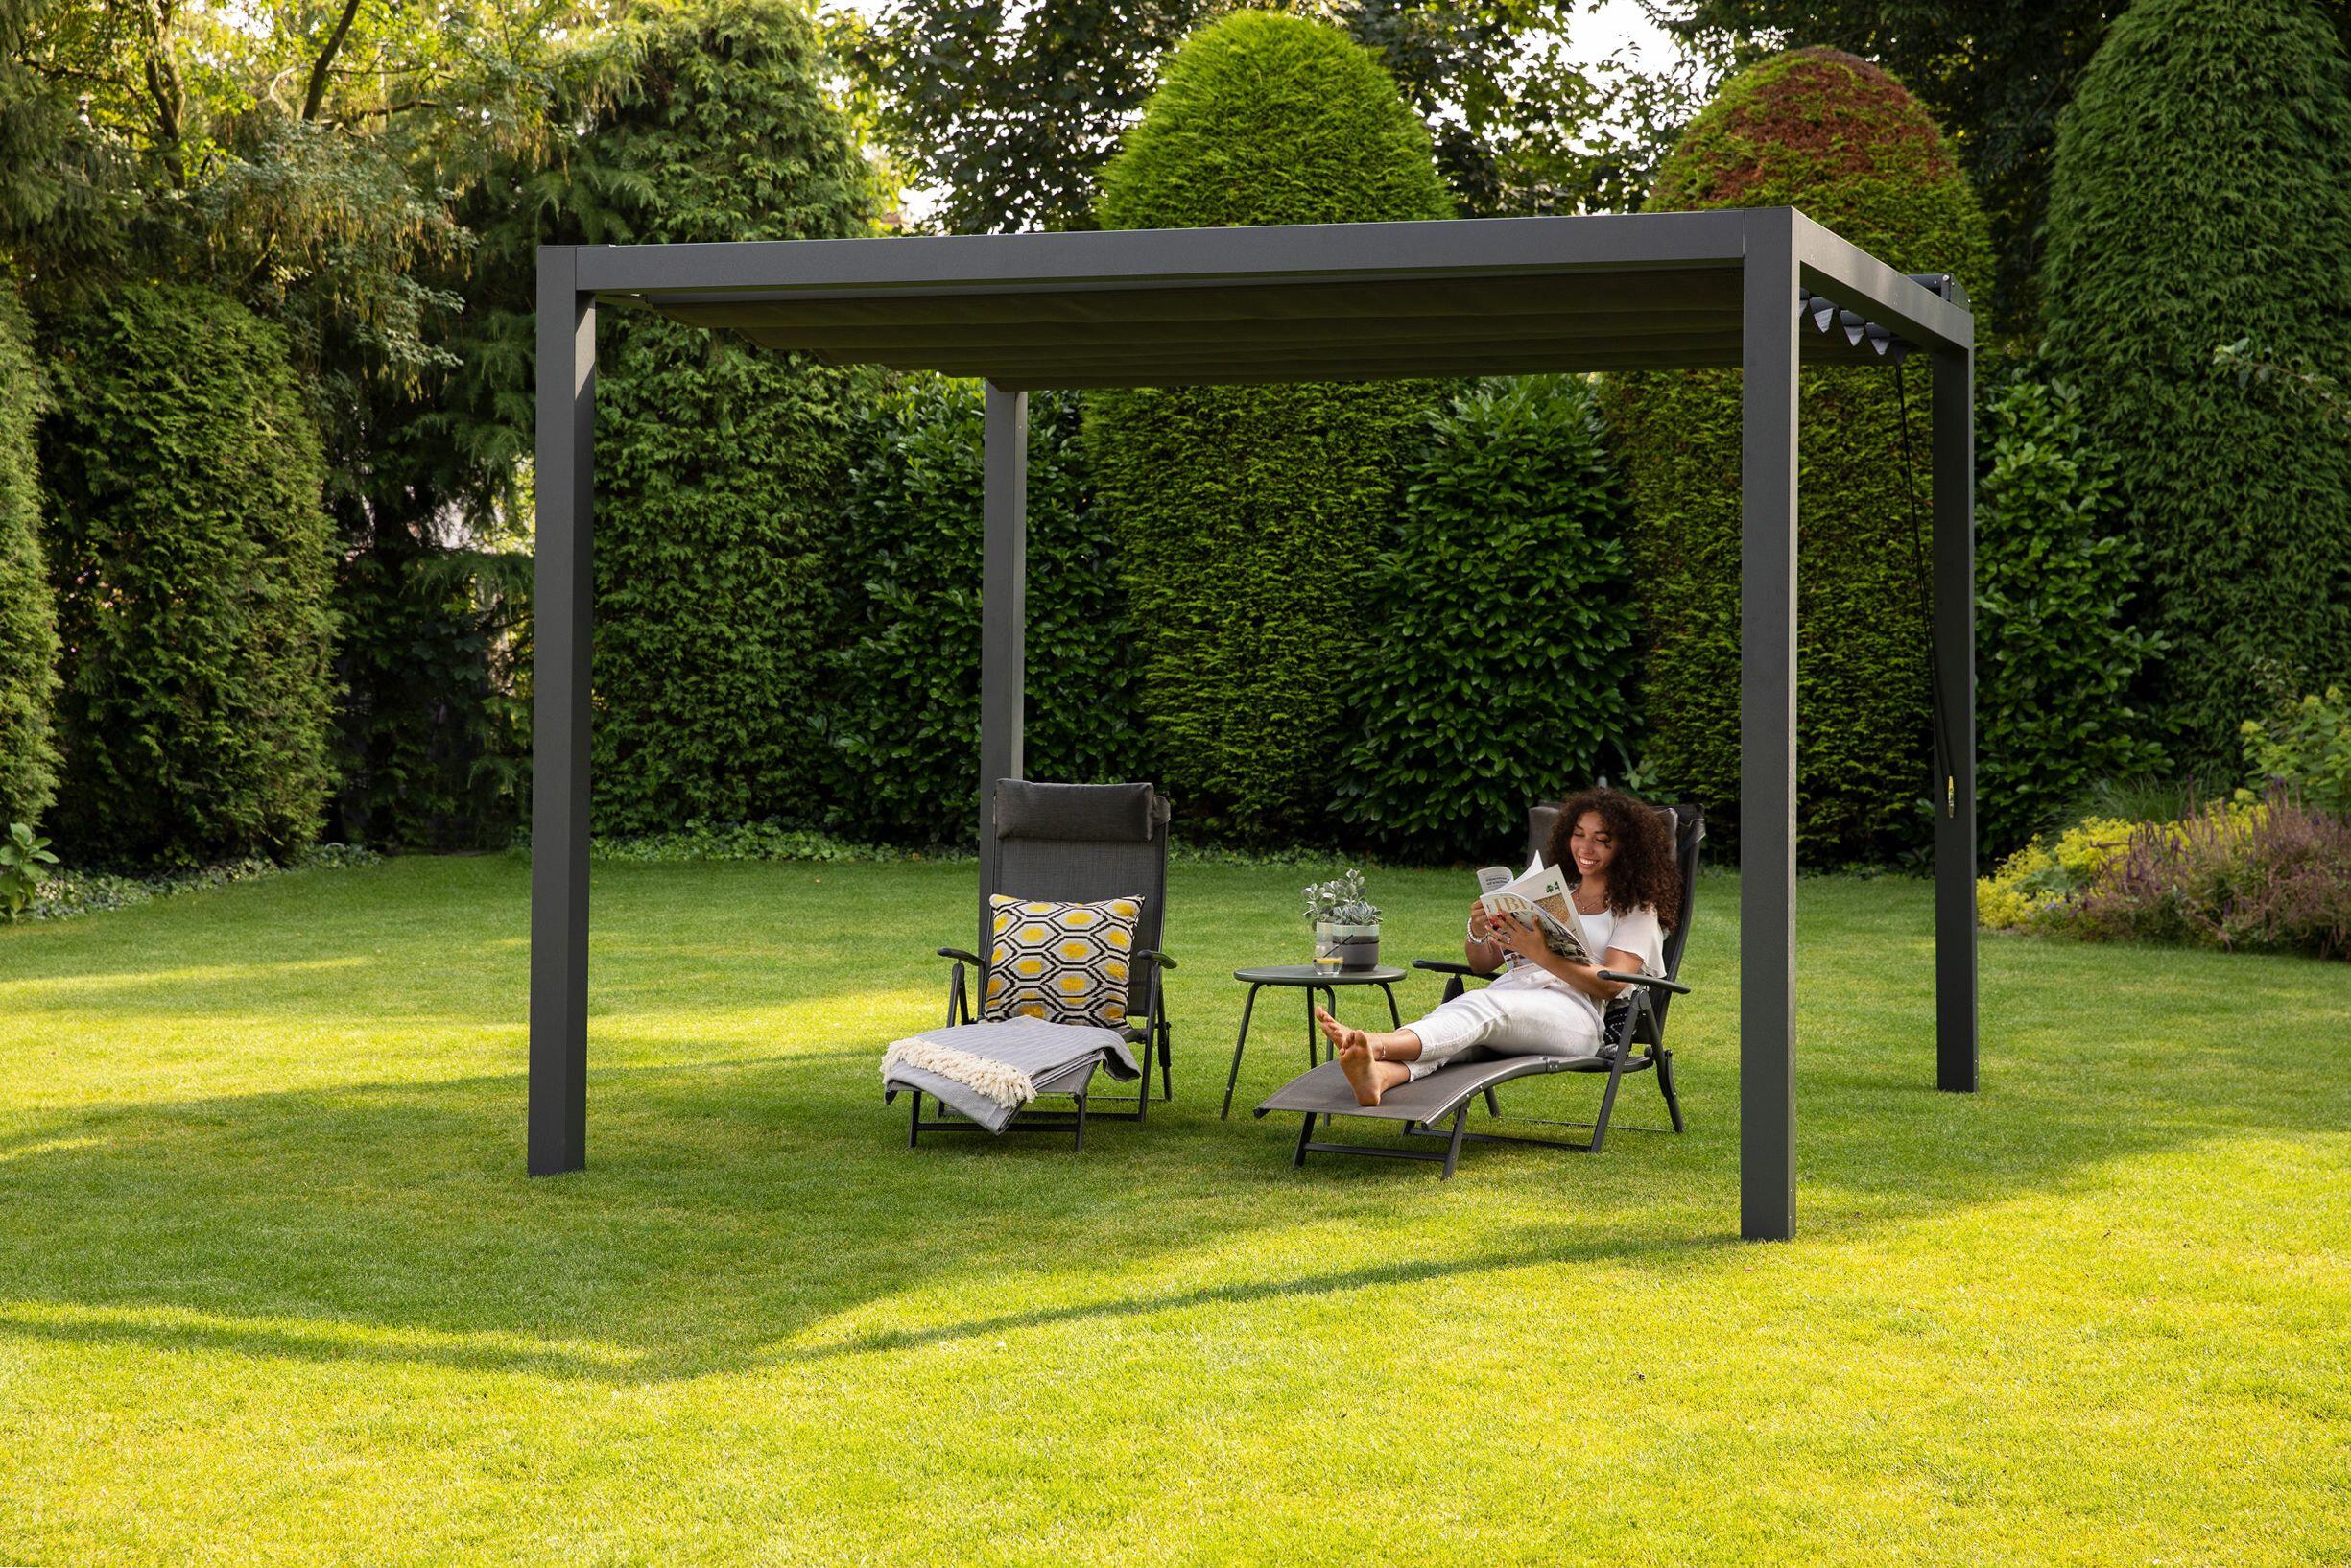 Pergola aluminium antraciet 'Stand Alone' (3.19 x 4.19 meter)